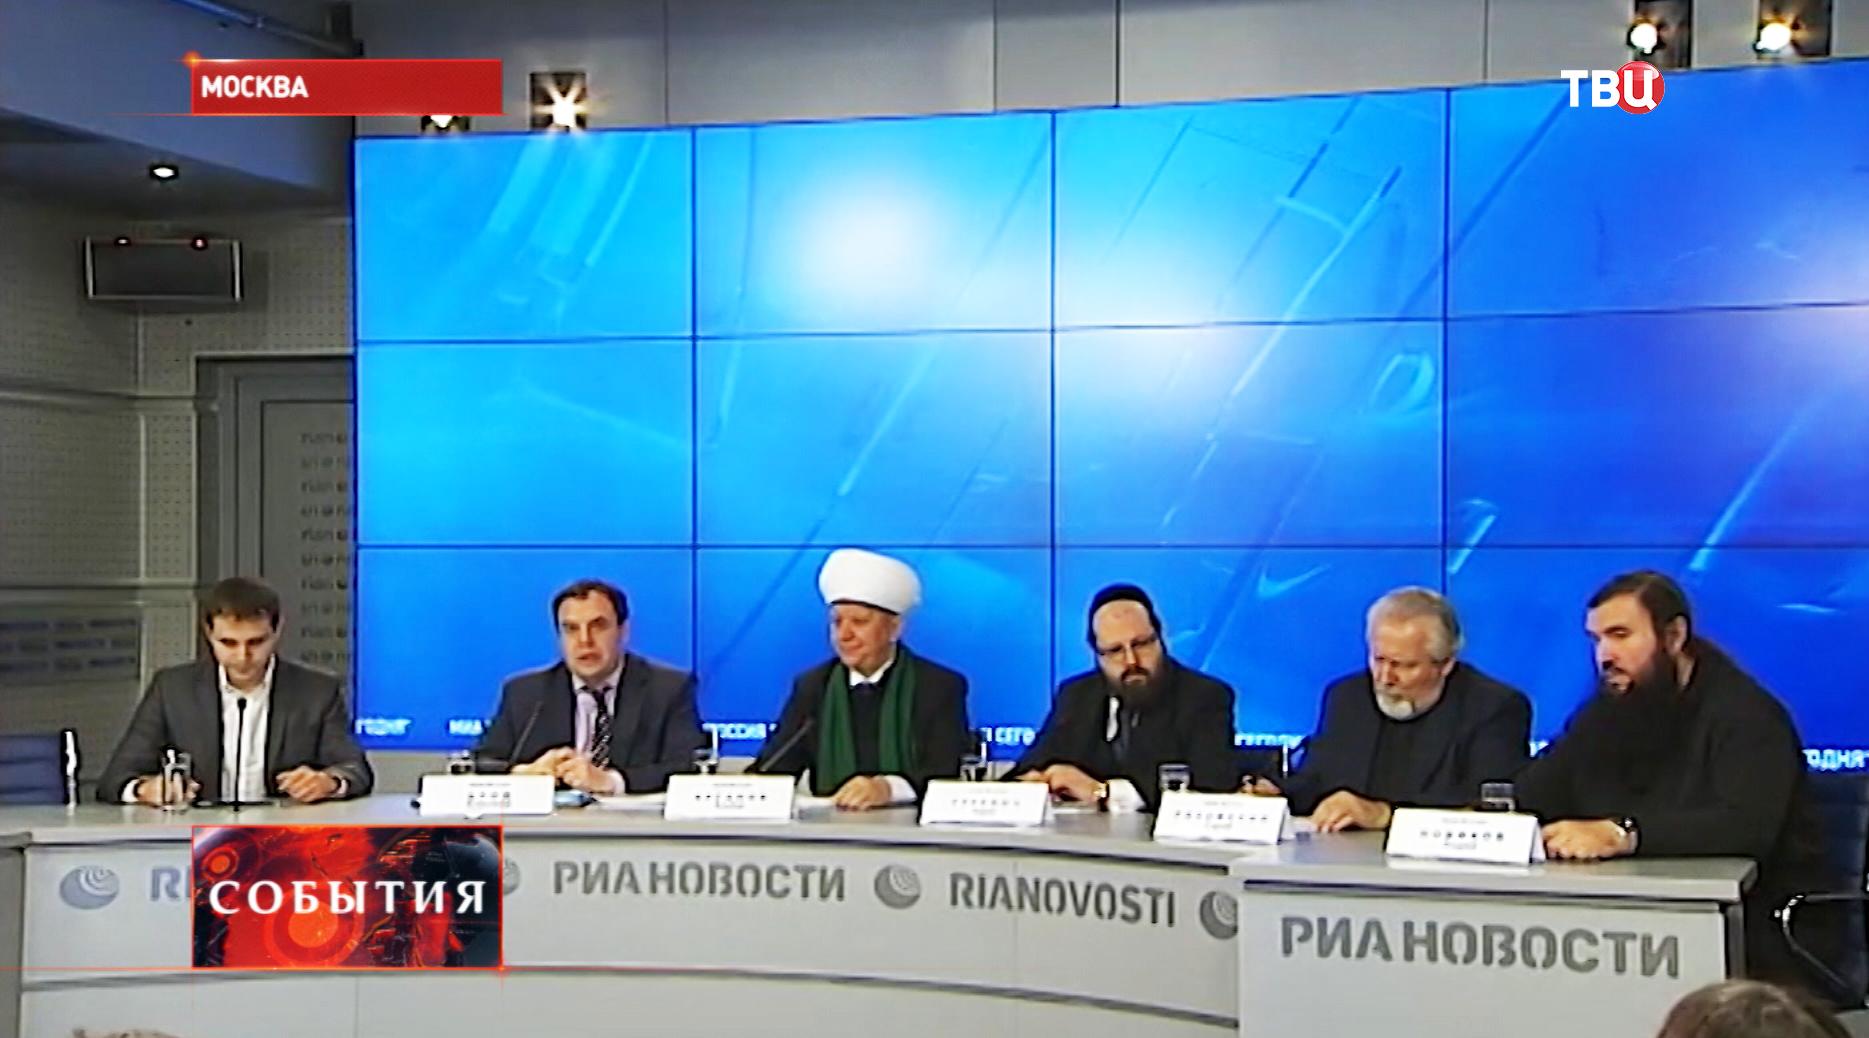 Представители правозащитных организаций, входящих в российскую ассоциацию религиозной свободы